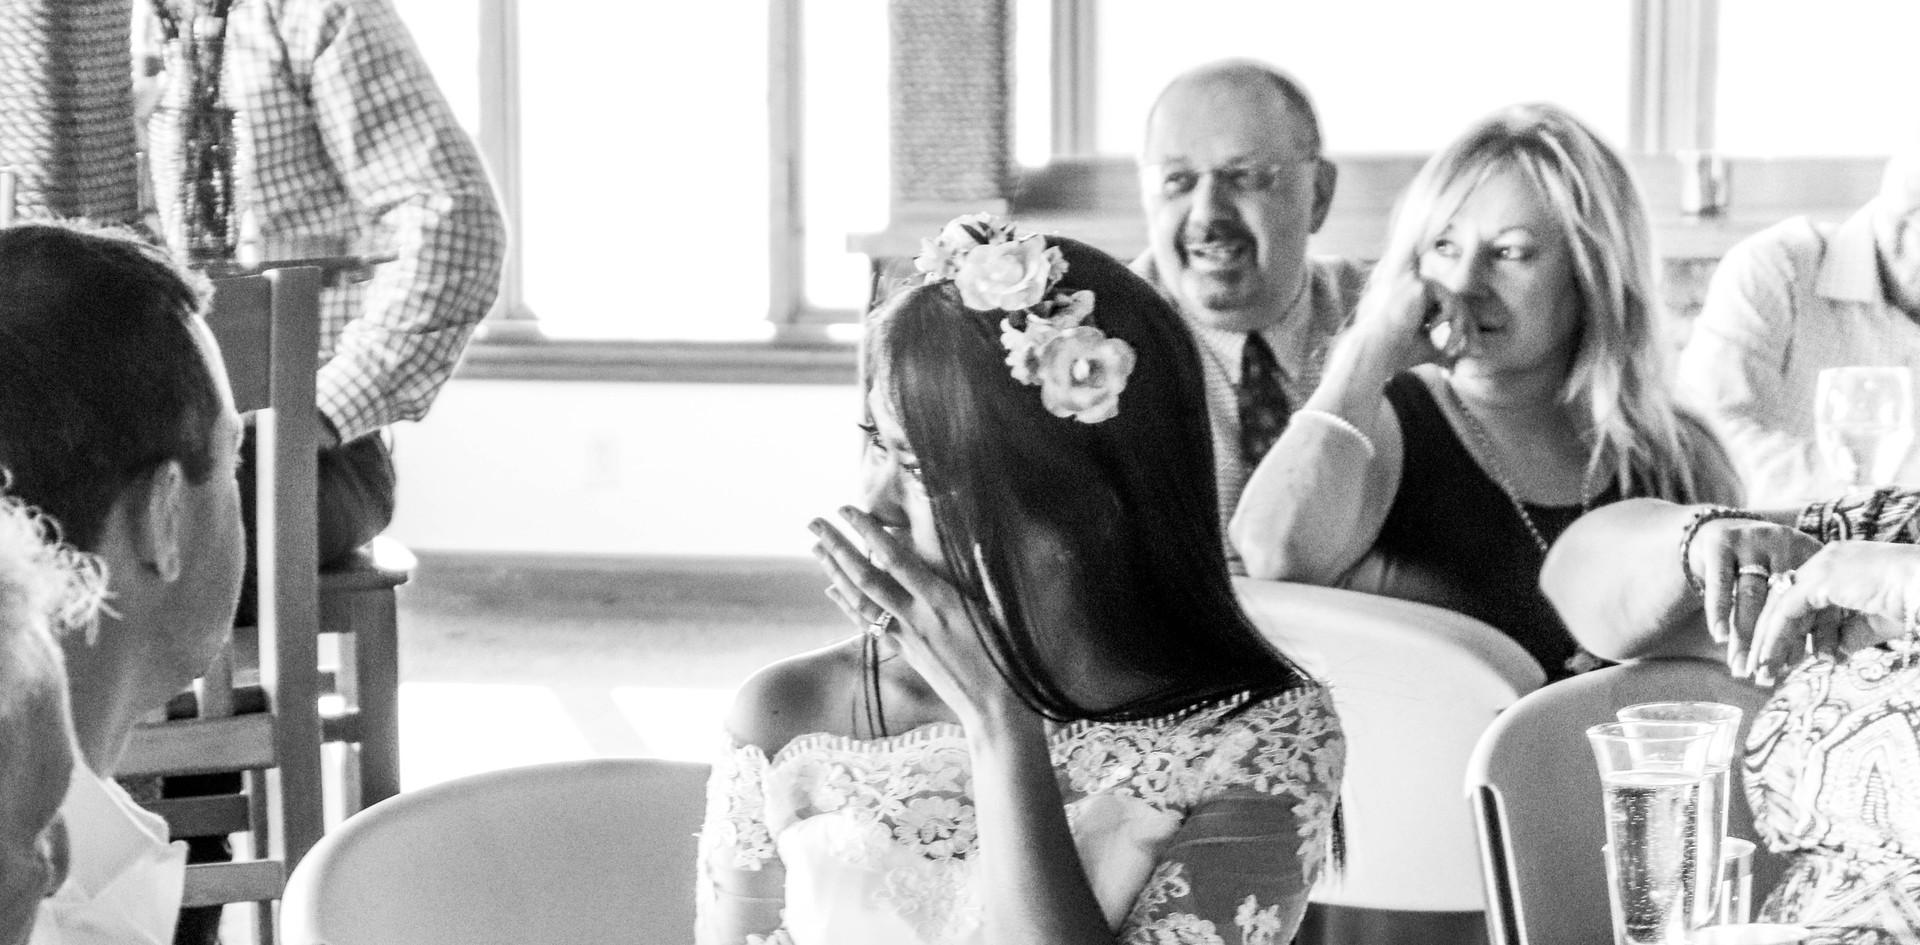 emotion-bride-wedding-happytears.jpg